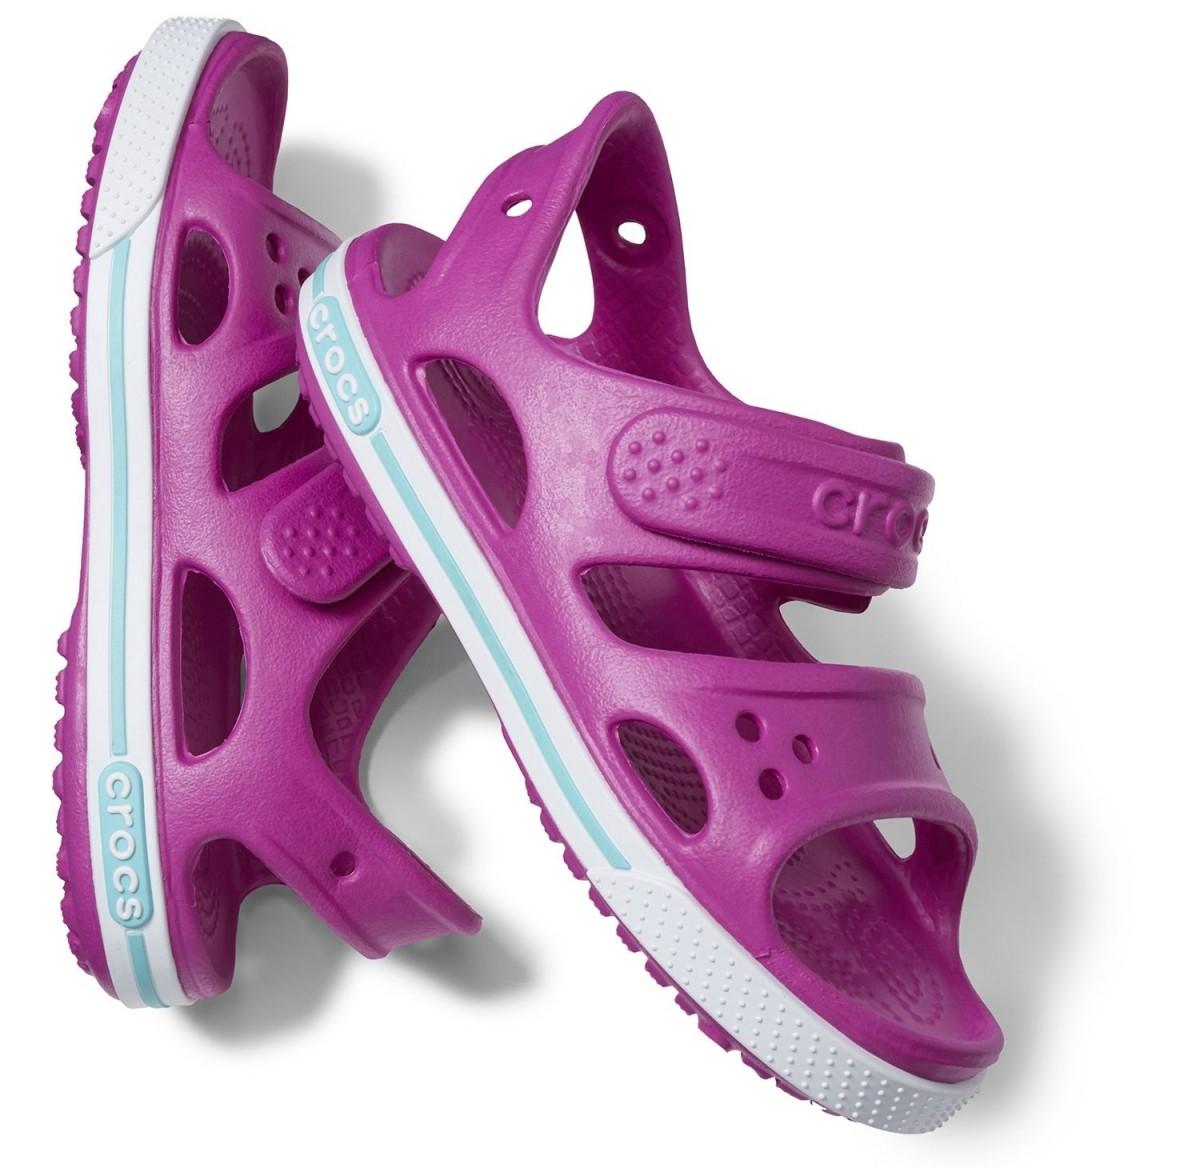 Dětské sandály Crocs Crocband II Sandal PS Vibrant Violet   White  7  afa9271b4b